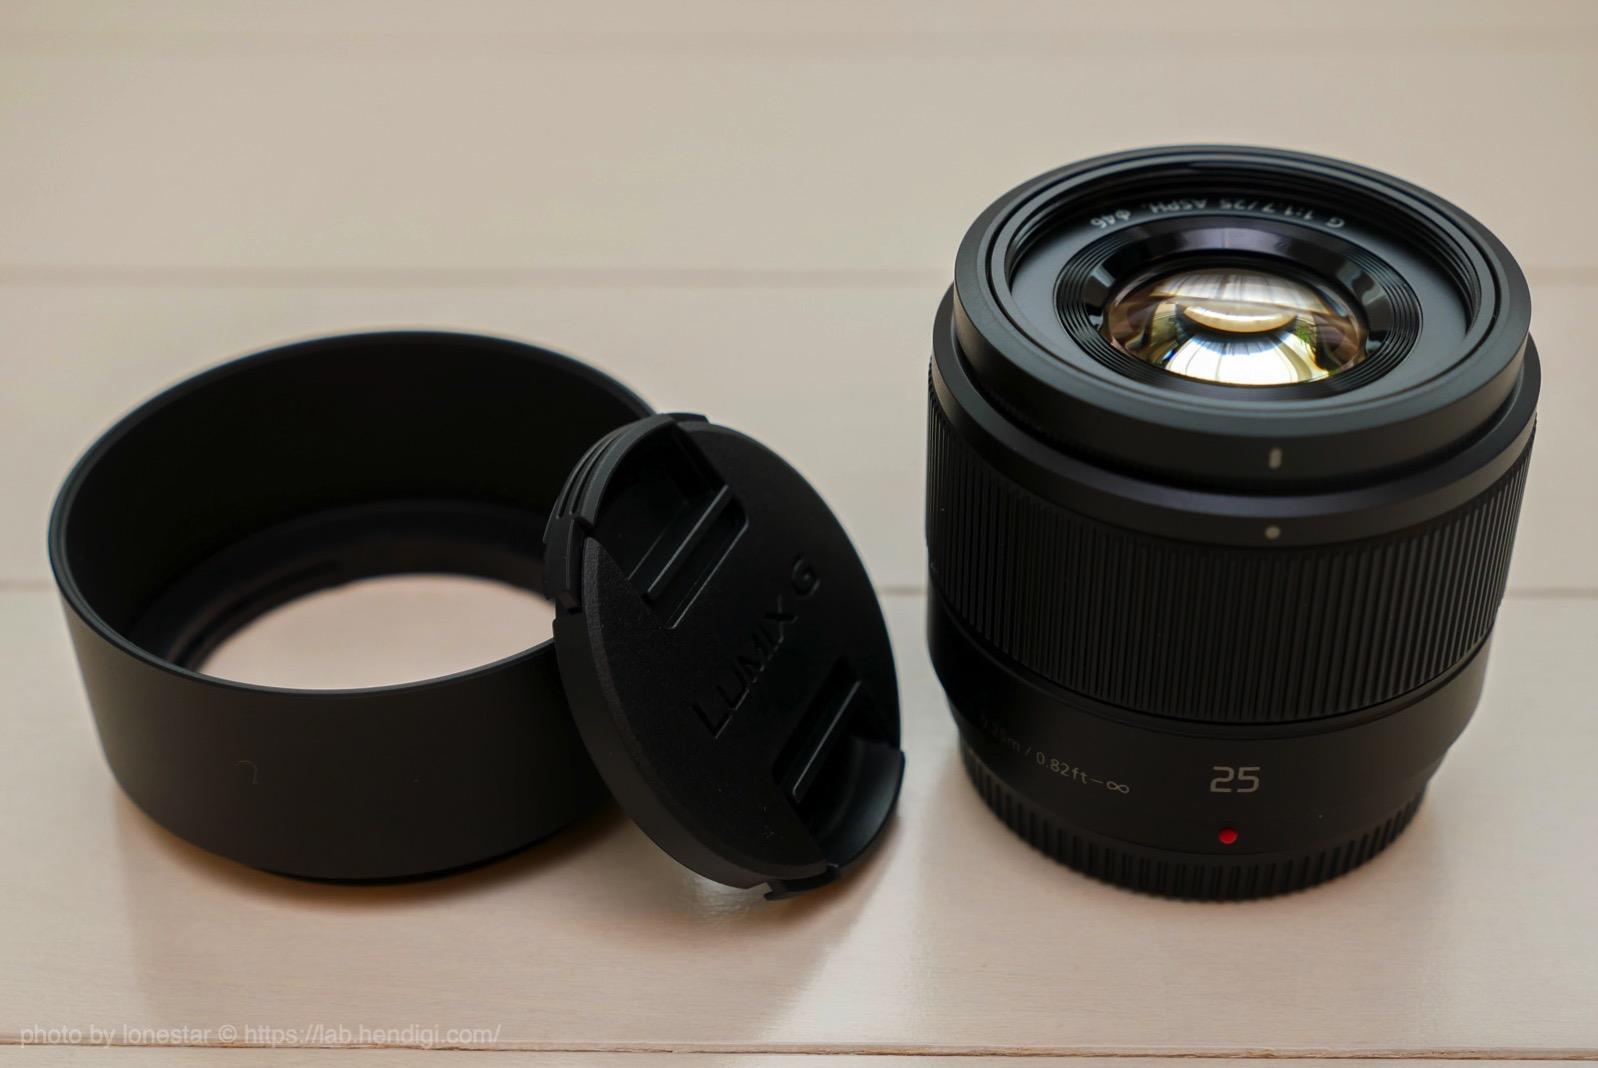 LUMIX G 25mm F1.7 ASPH.